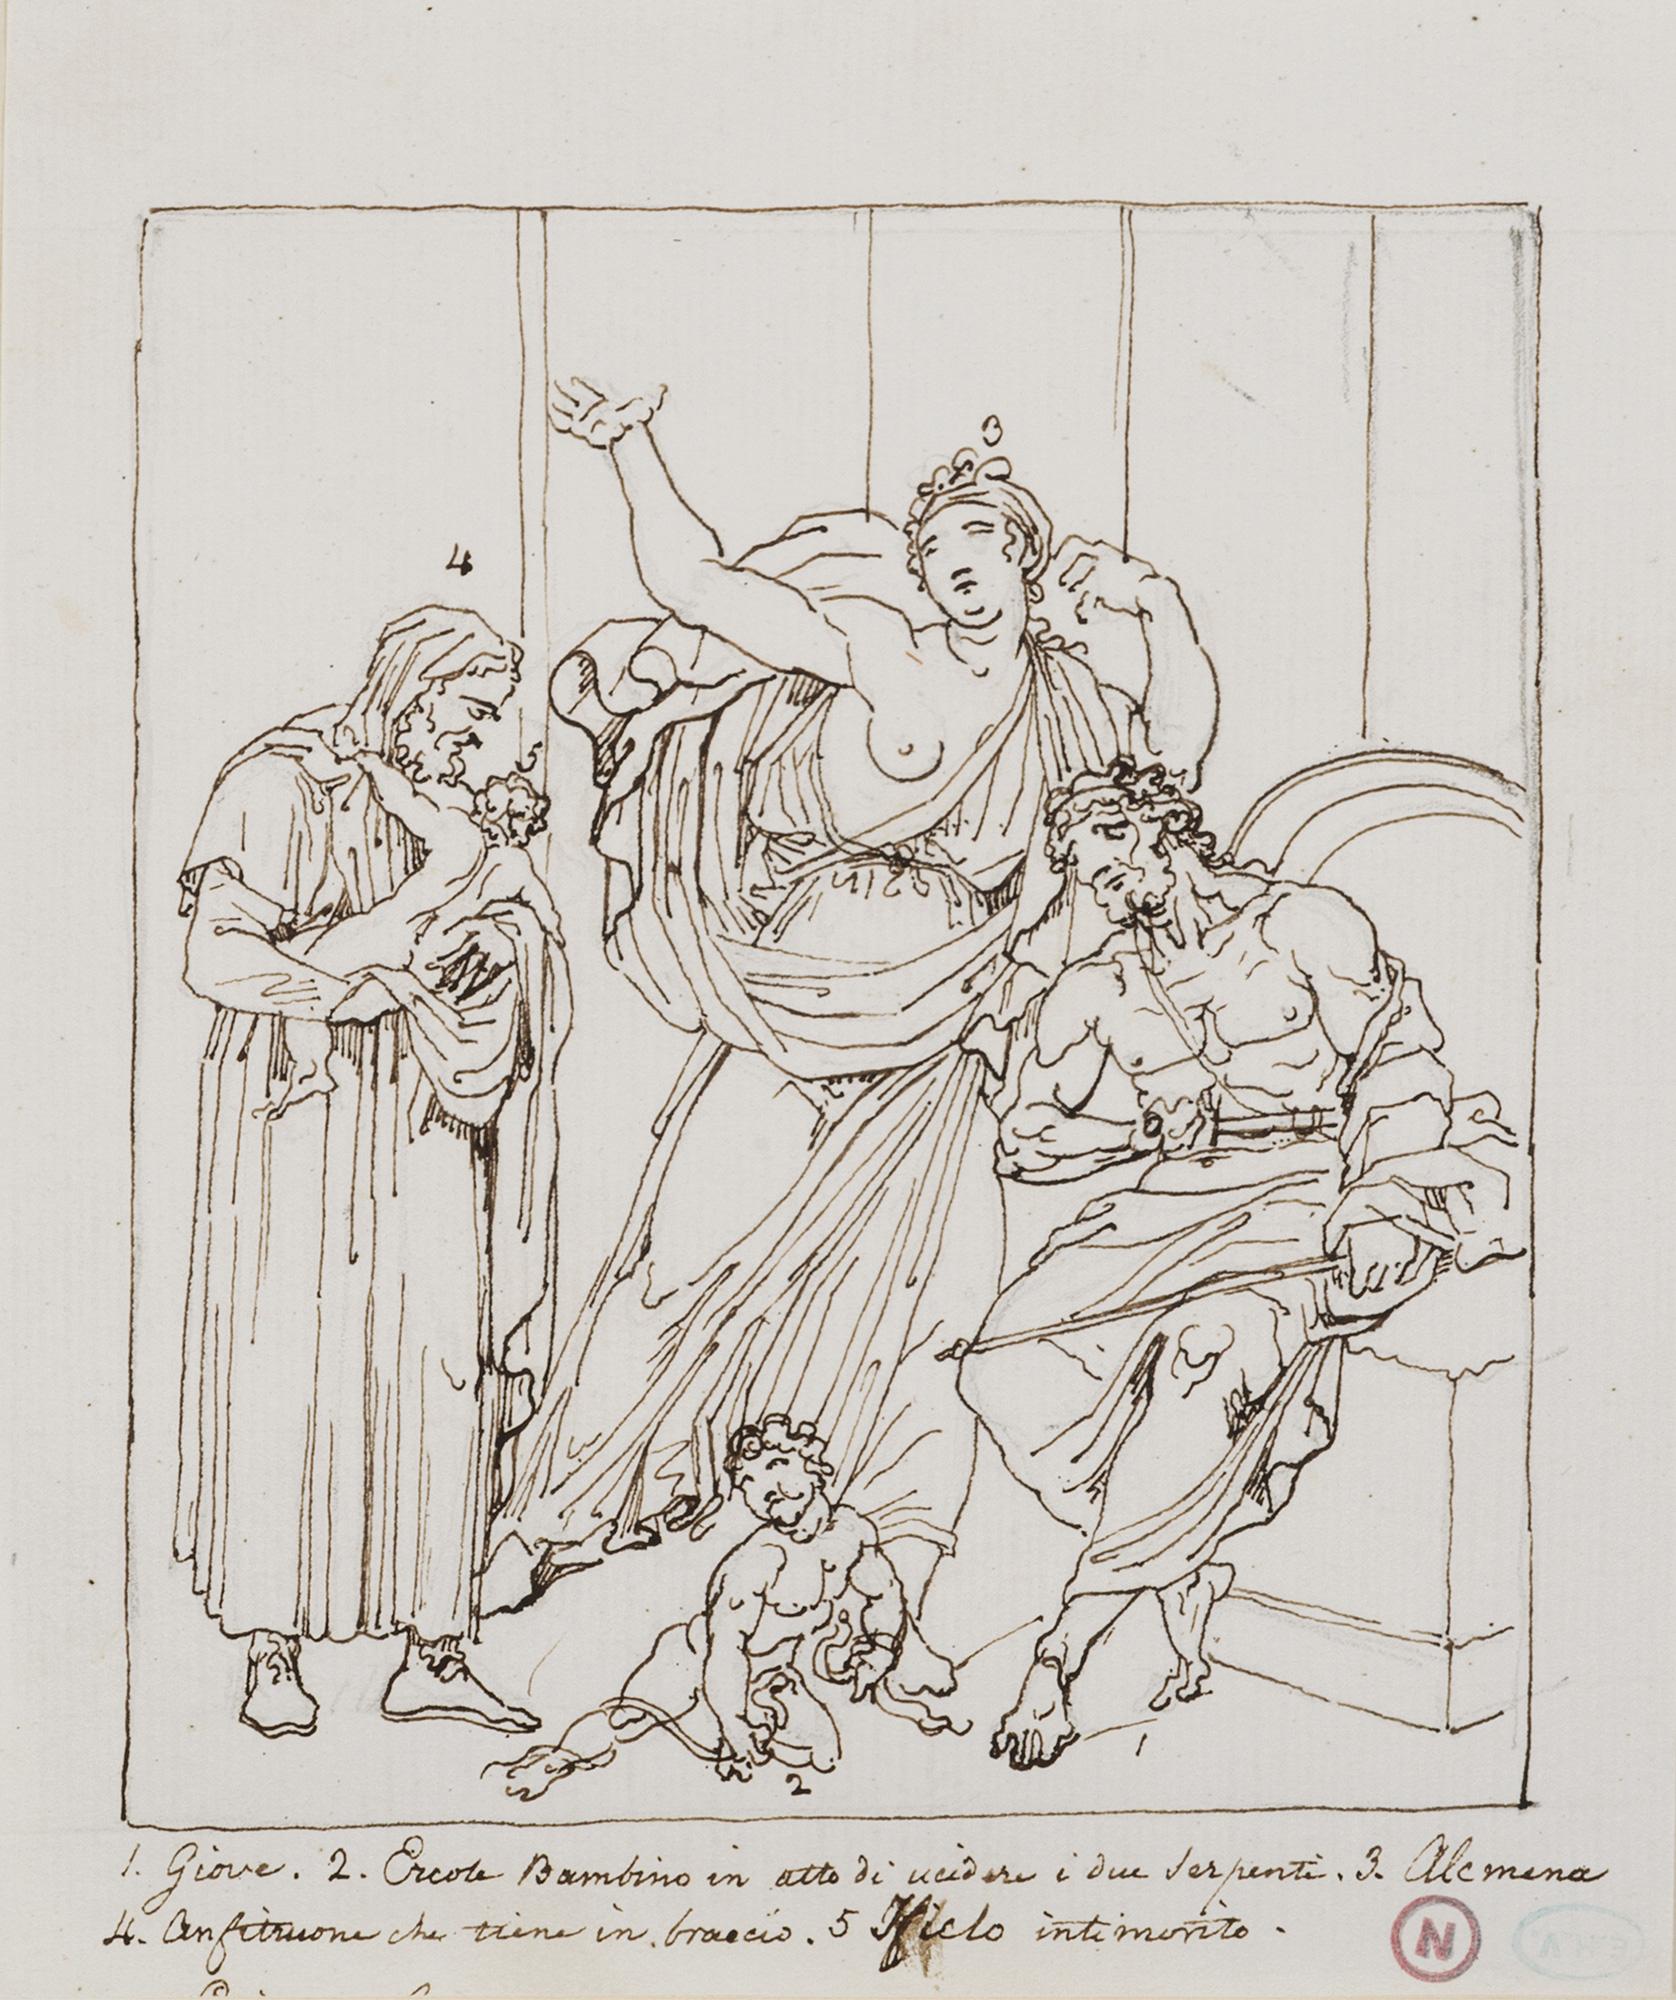 Giove, Ercole bambino che uccide i serpenti, Alcmena e Anfitrione